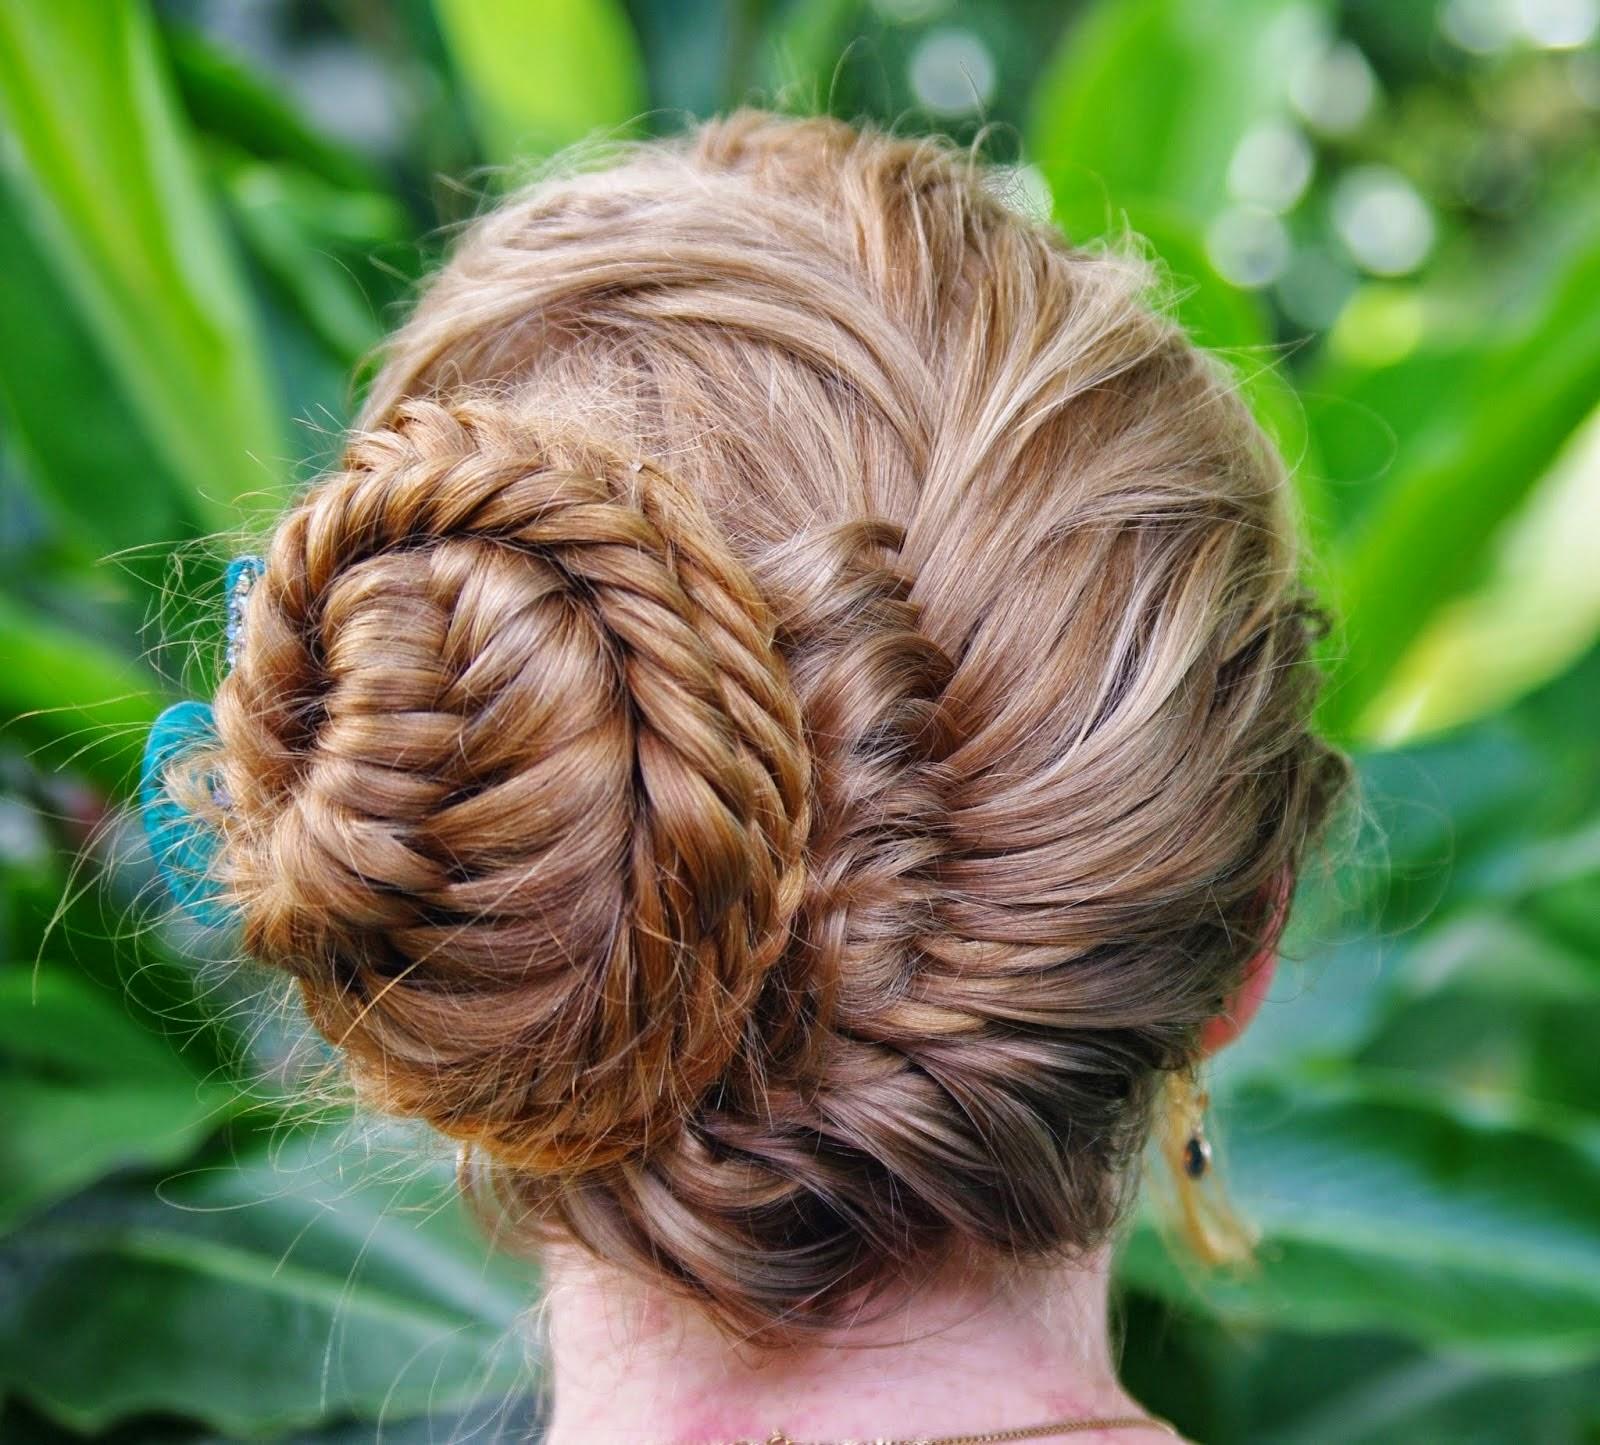 fishtail braid bun hairstyle 2022